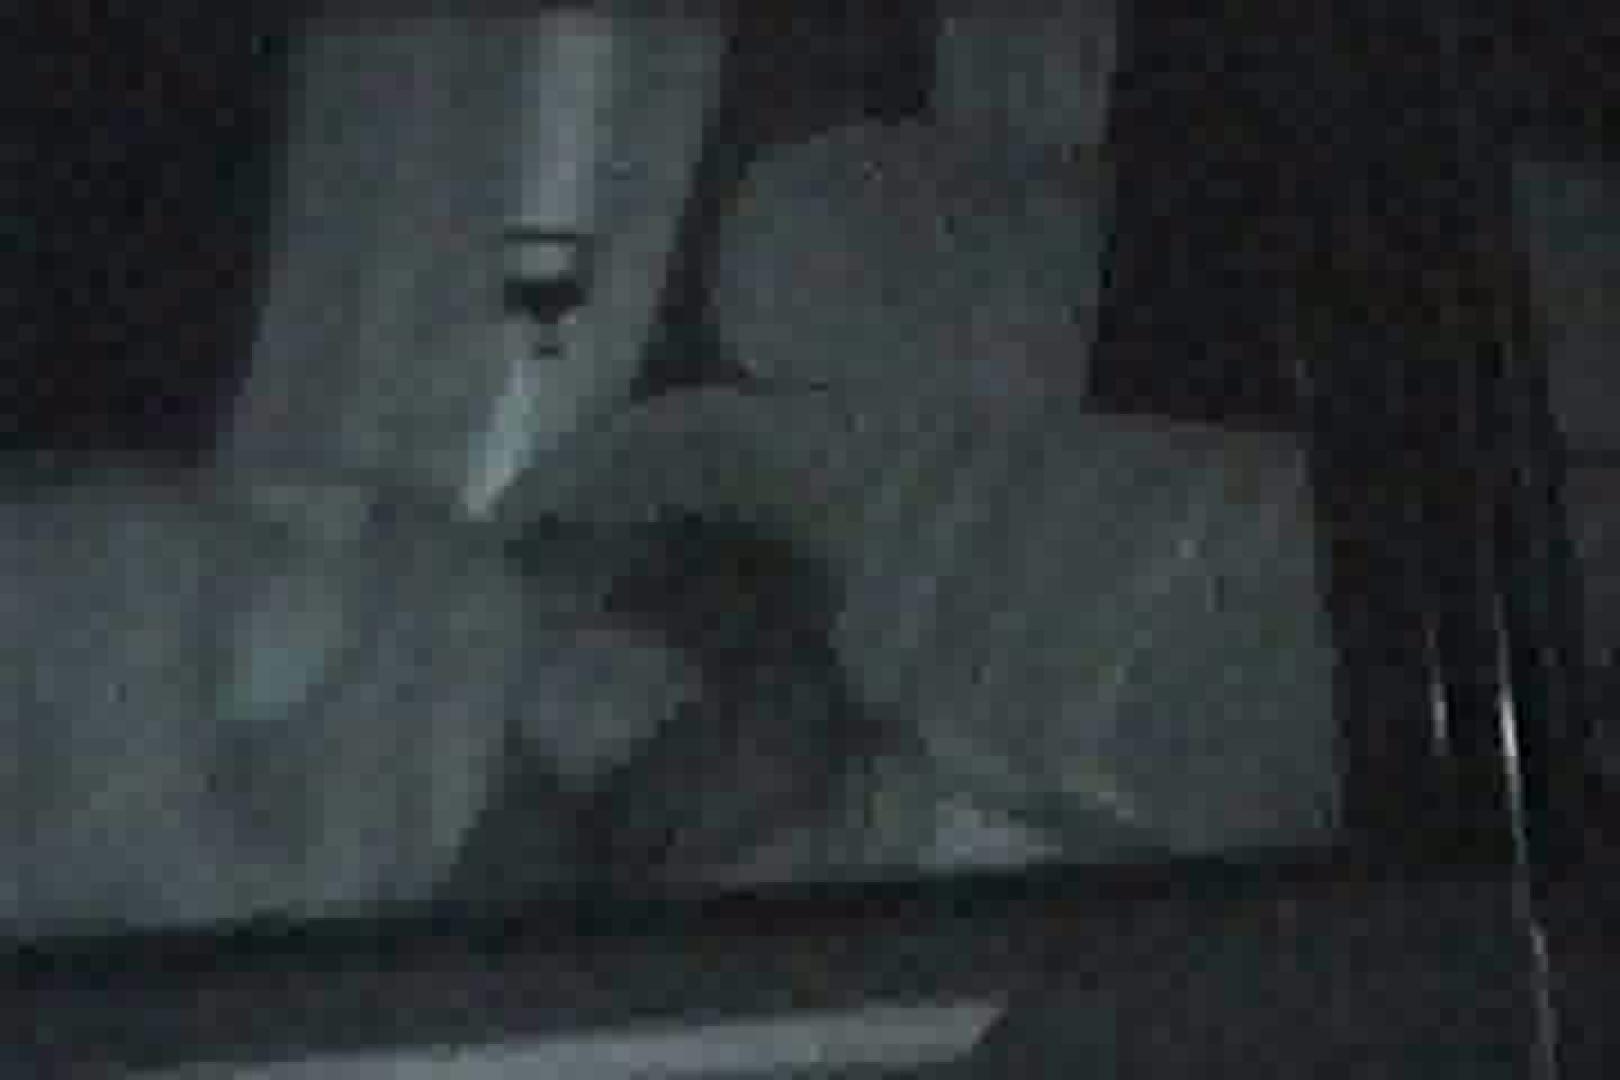 充血監督の深夜の運動会Vol.16 手マン 盗み撮りAV無料動画キャプチャ 87pic 4